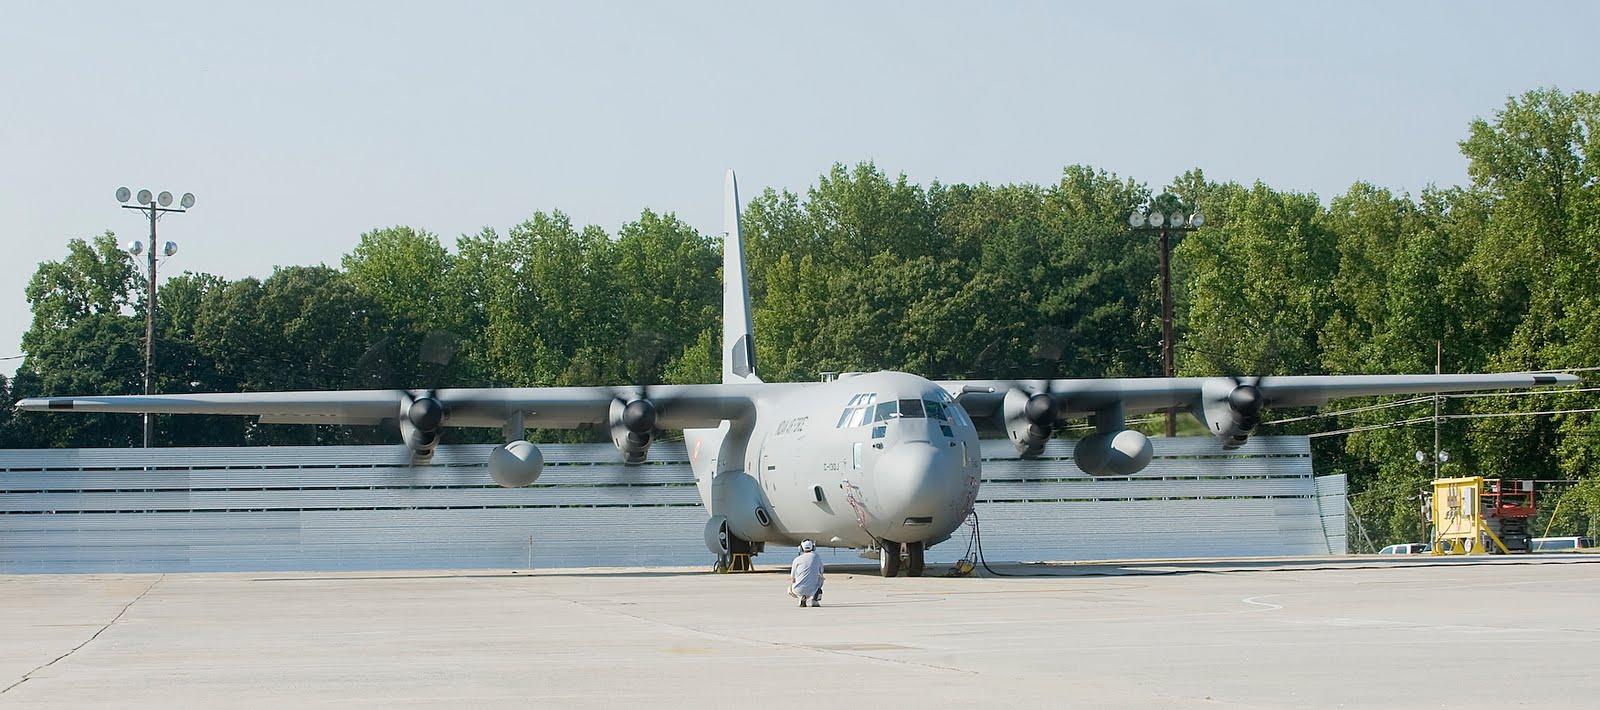 Broadsword The Iaf S First C 130j Super Hercules More Pics